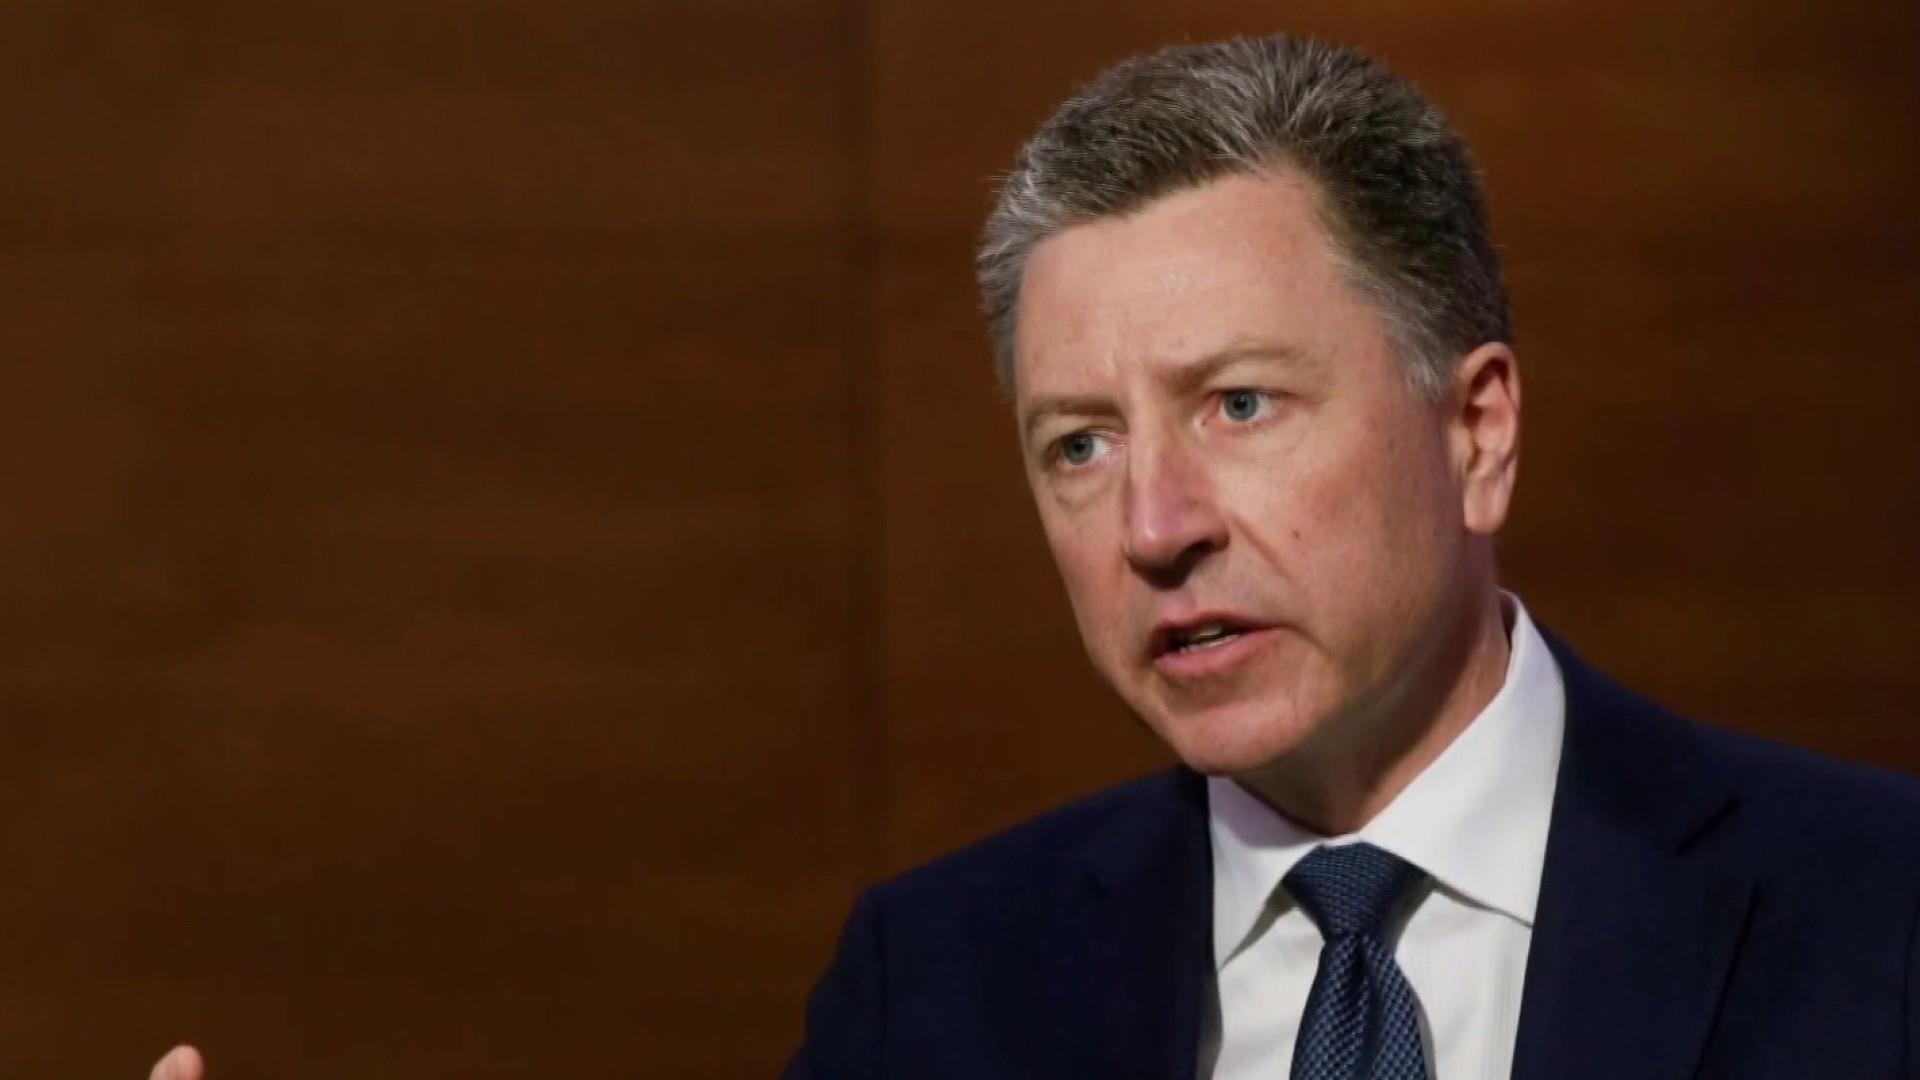 BREAKING: Former envoy to Ukraine Kurt Volker plans to testify Thursday